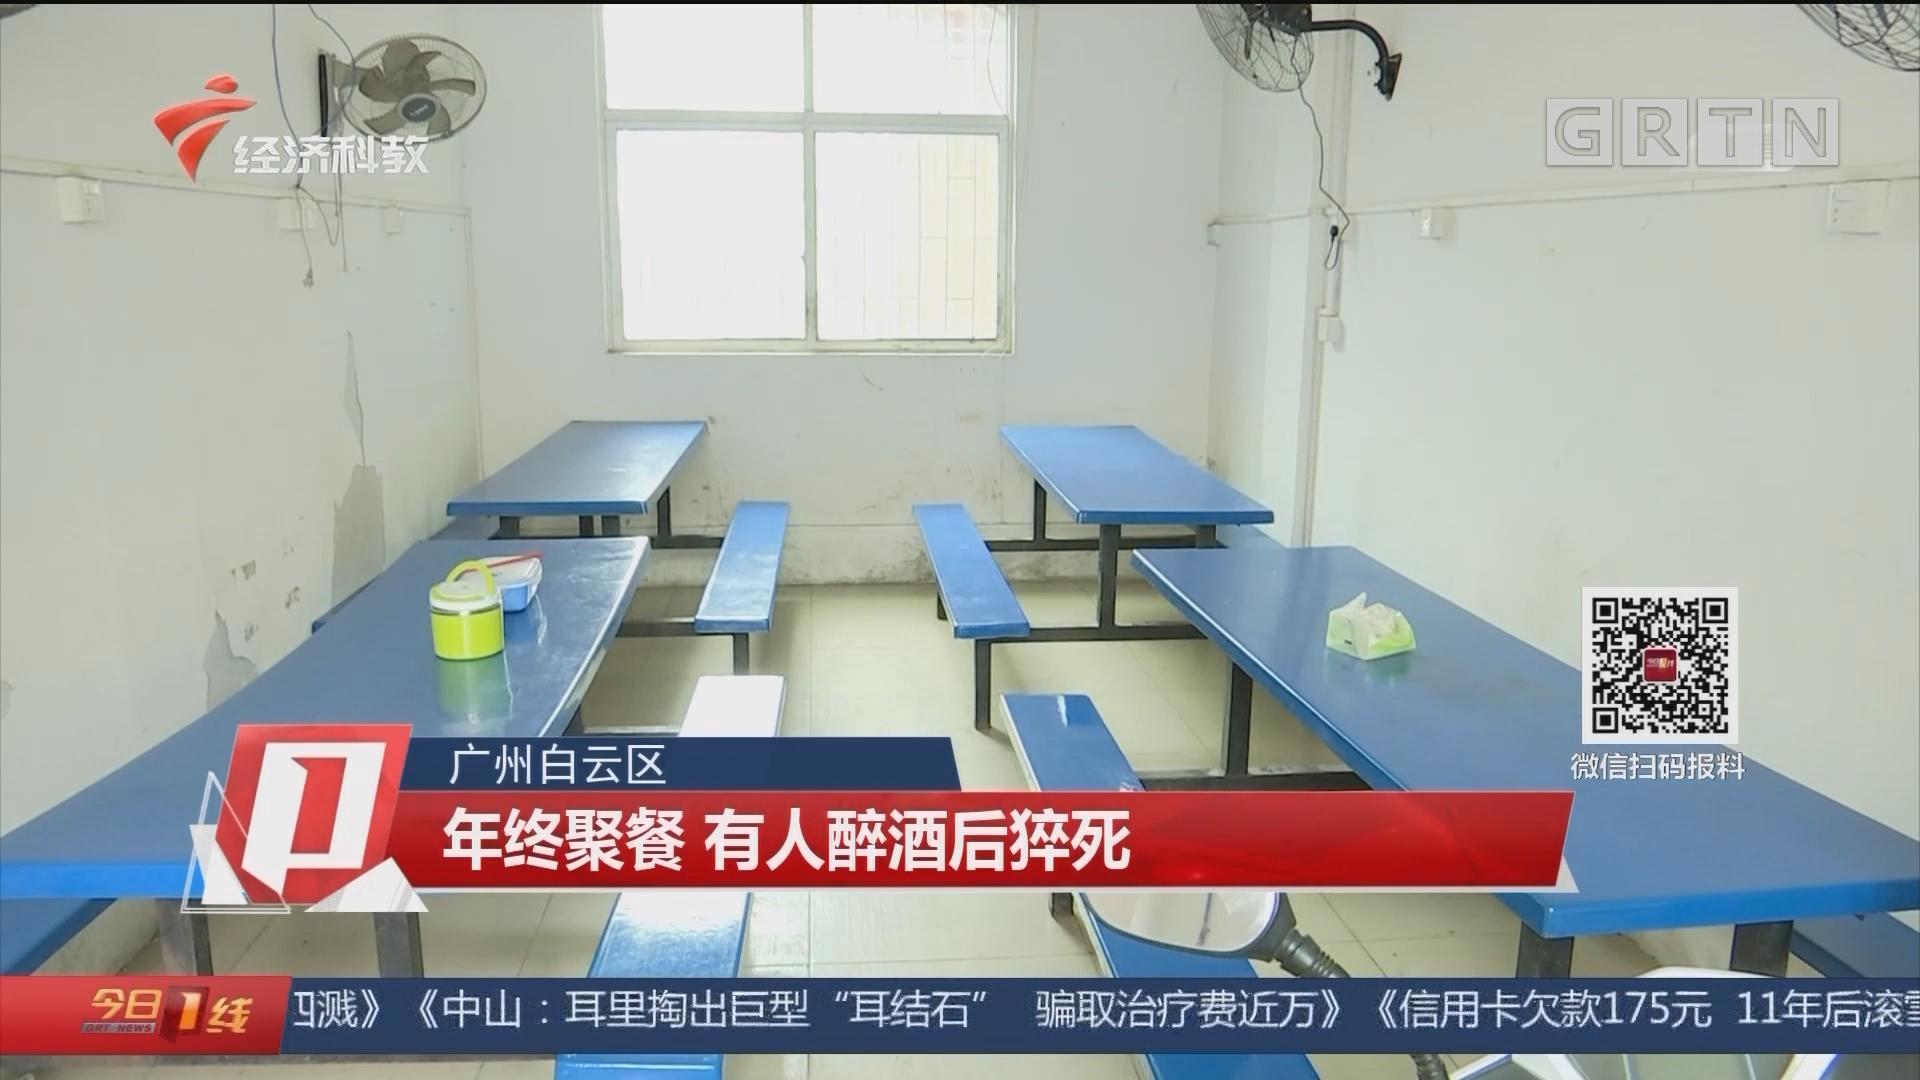 广州白云区:年终聚餐 有人醉酒后猝死